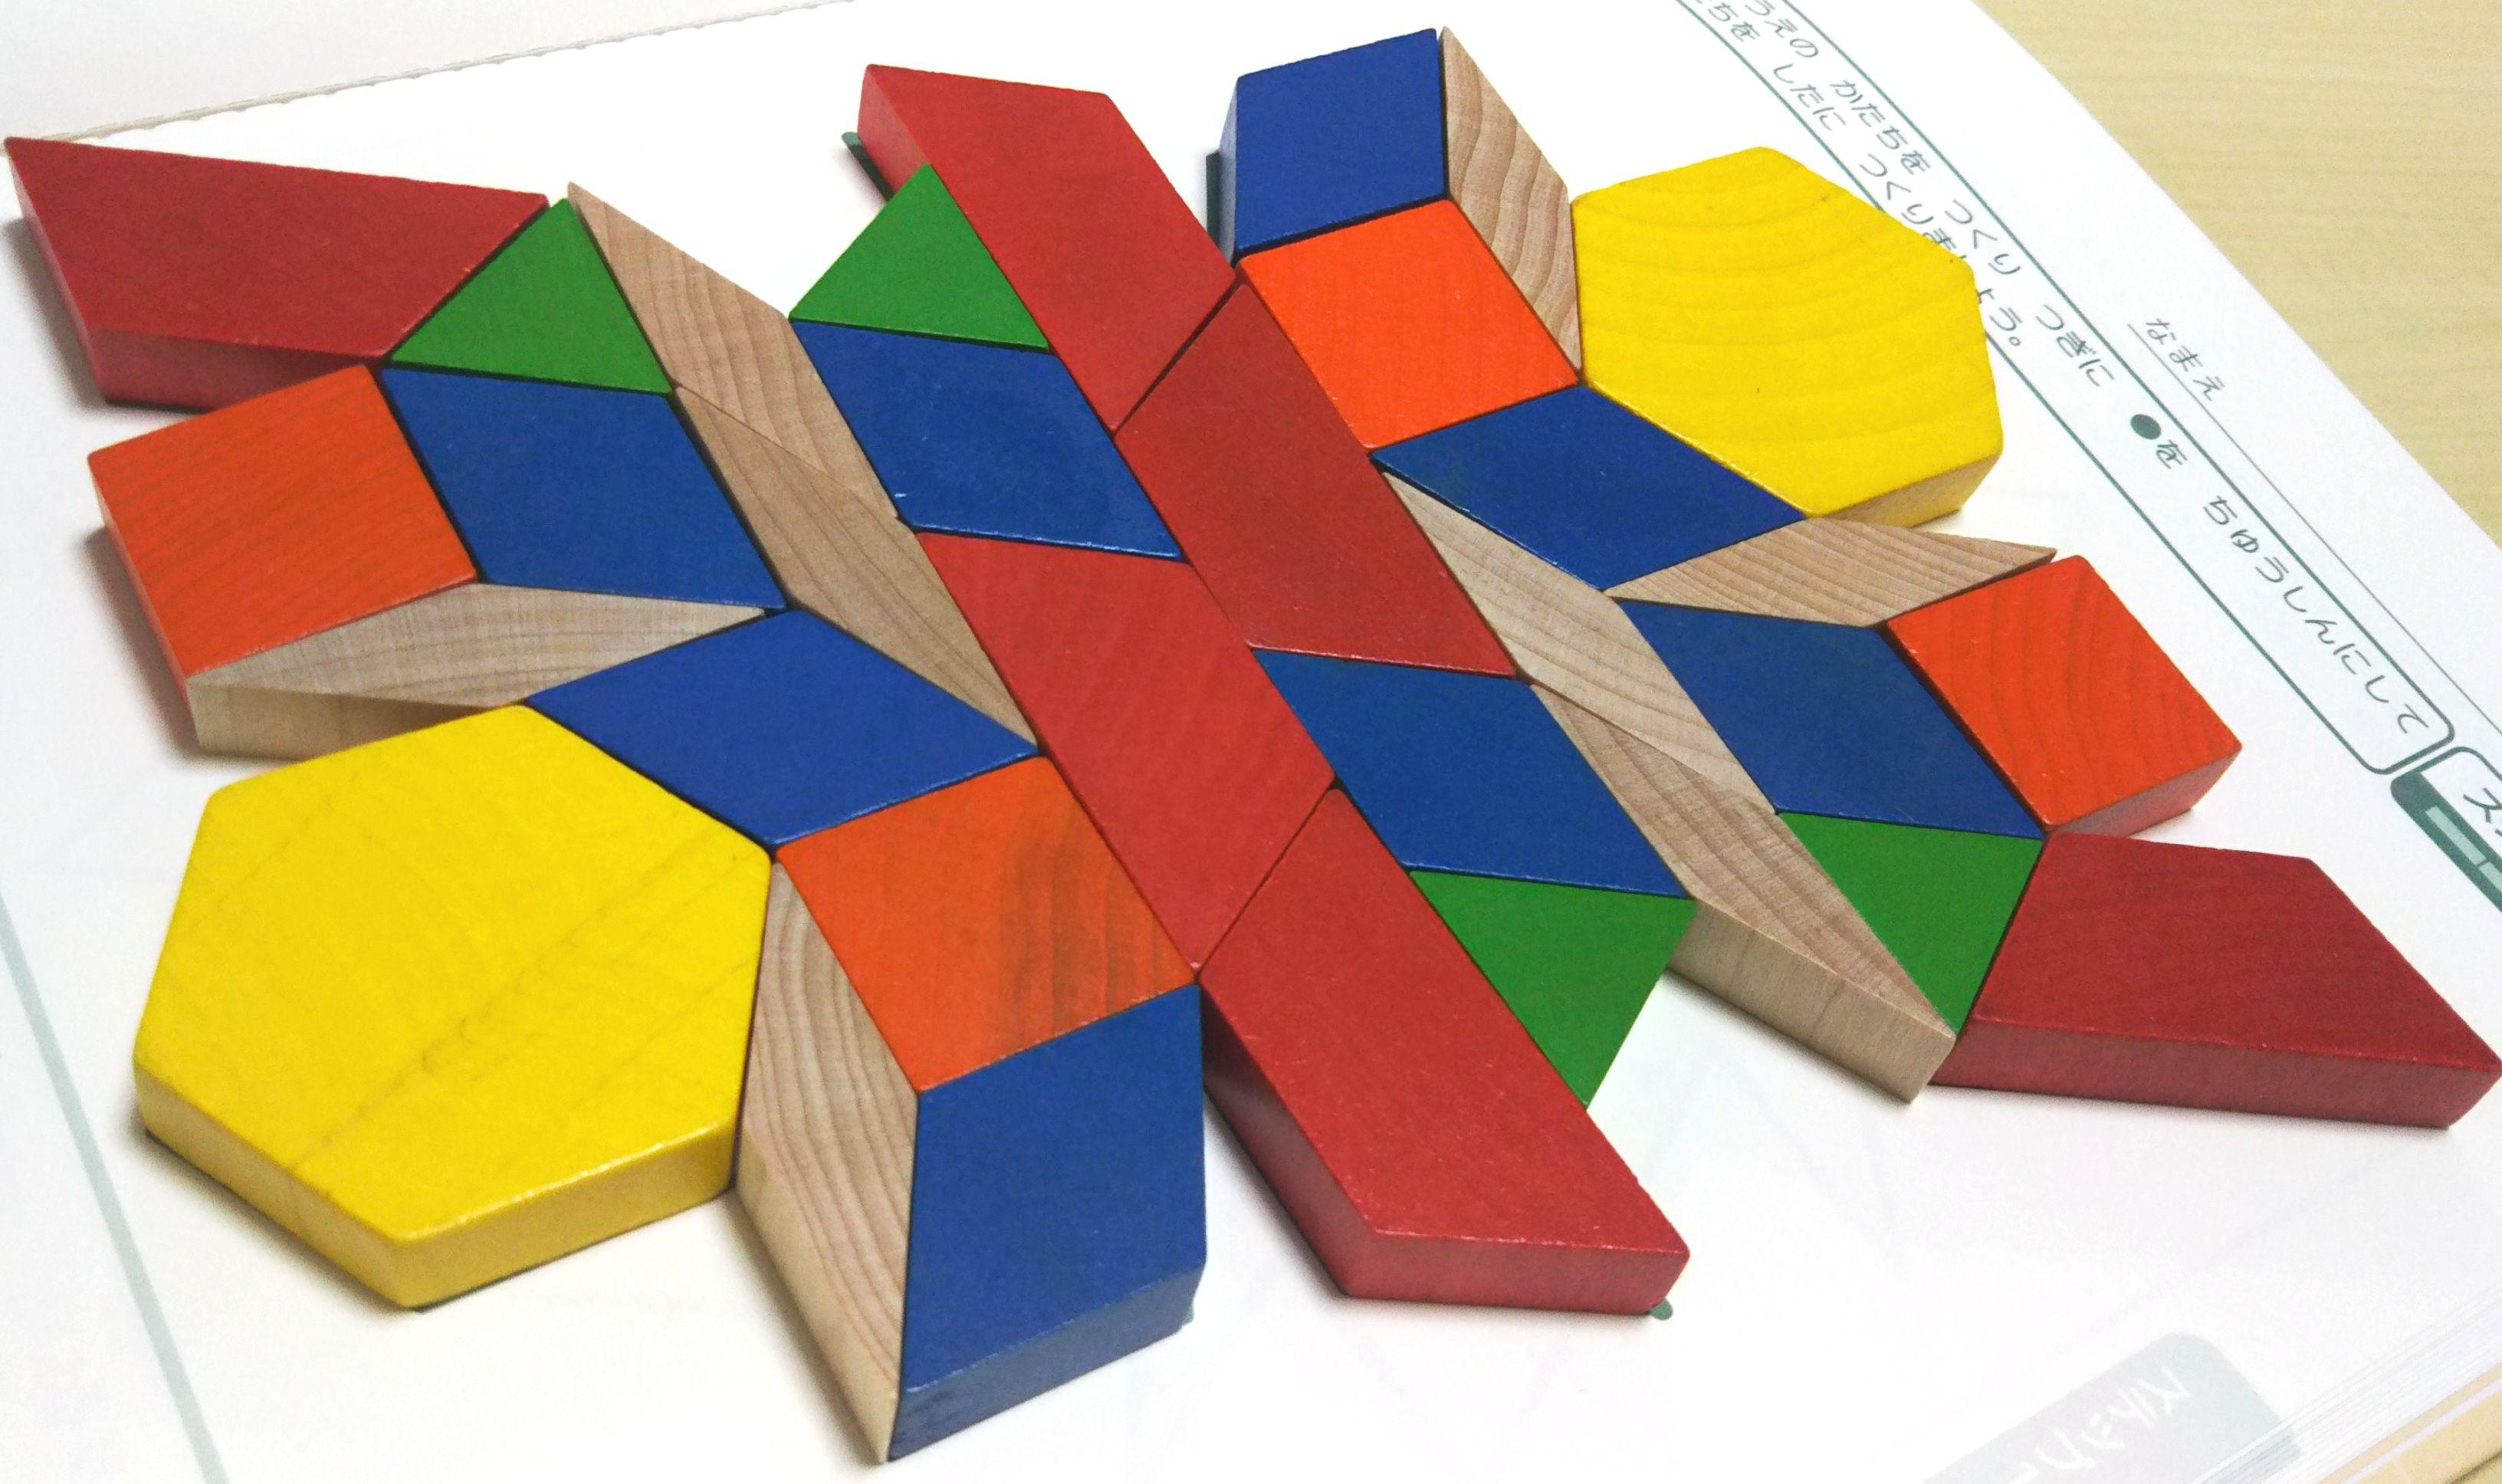 パターンブロックで、四年生の算数で習う「面積」の考え方が学べる遊び方